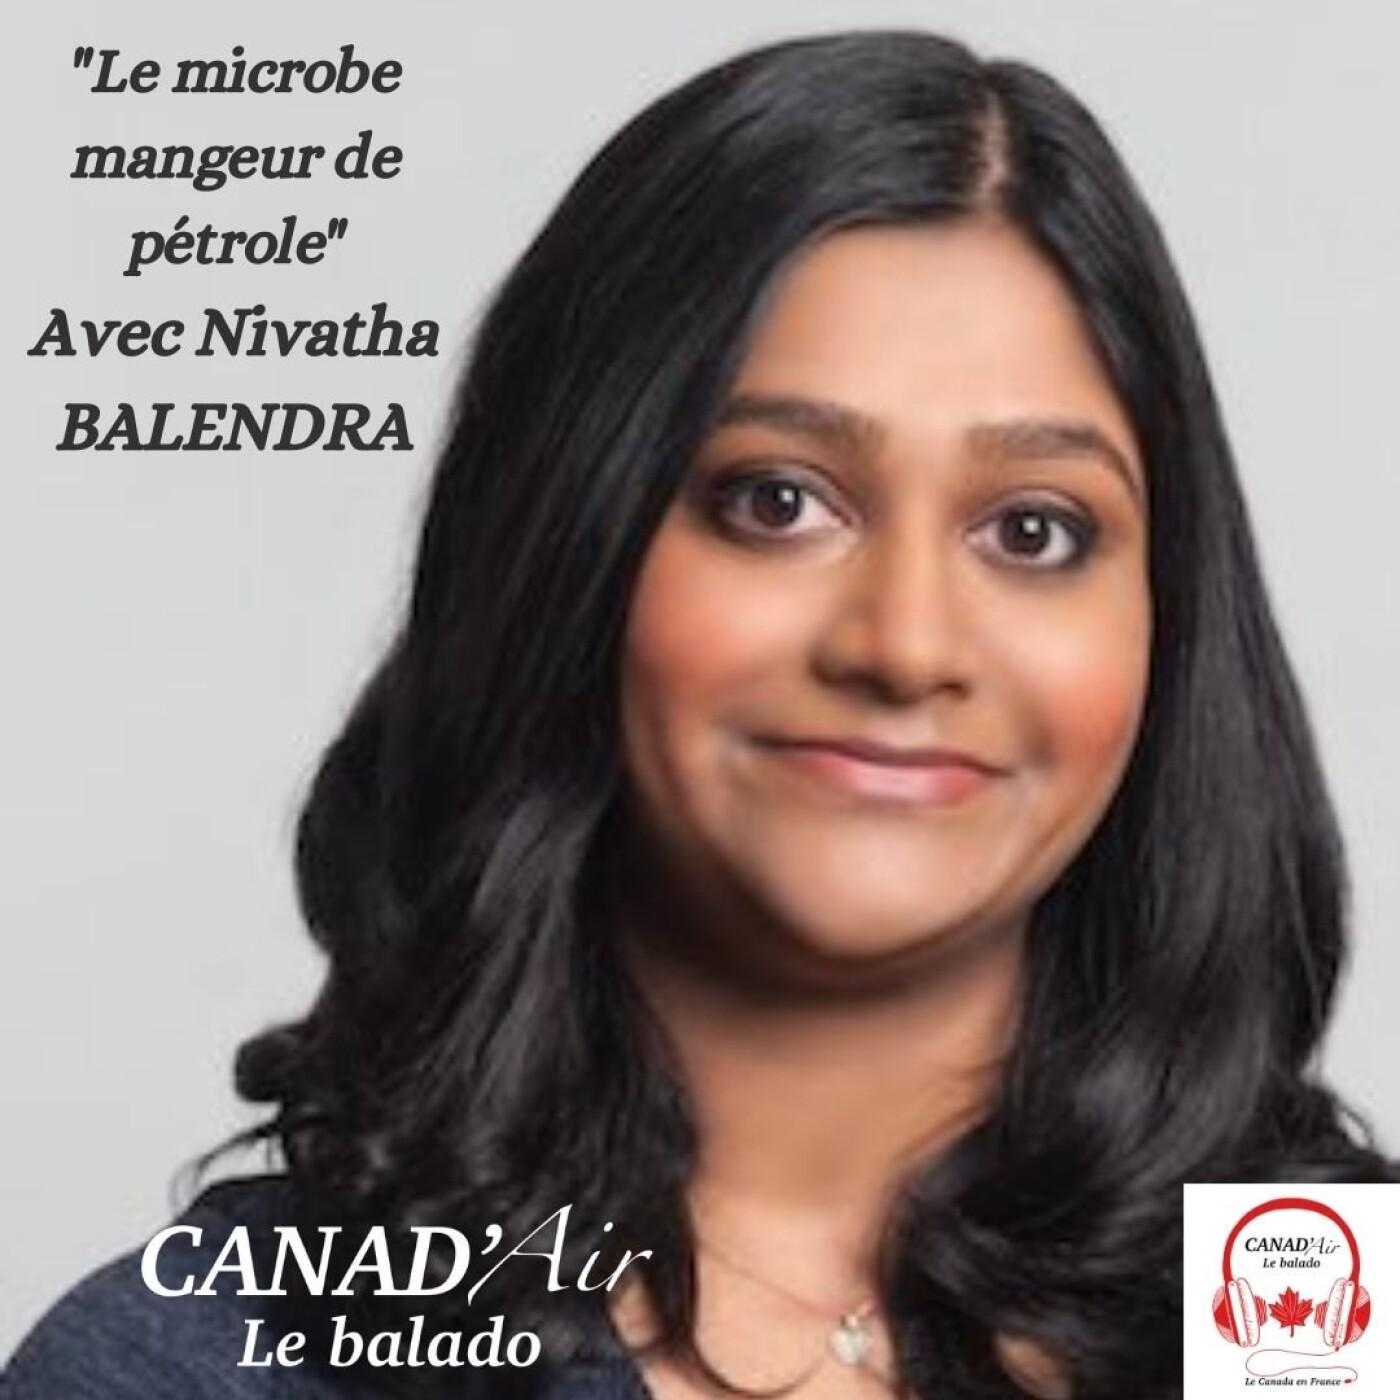 Nivatha Balendra et le microbe mangeur de pétrole